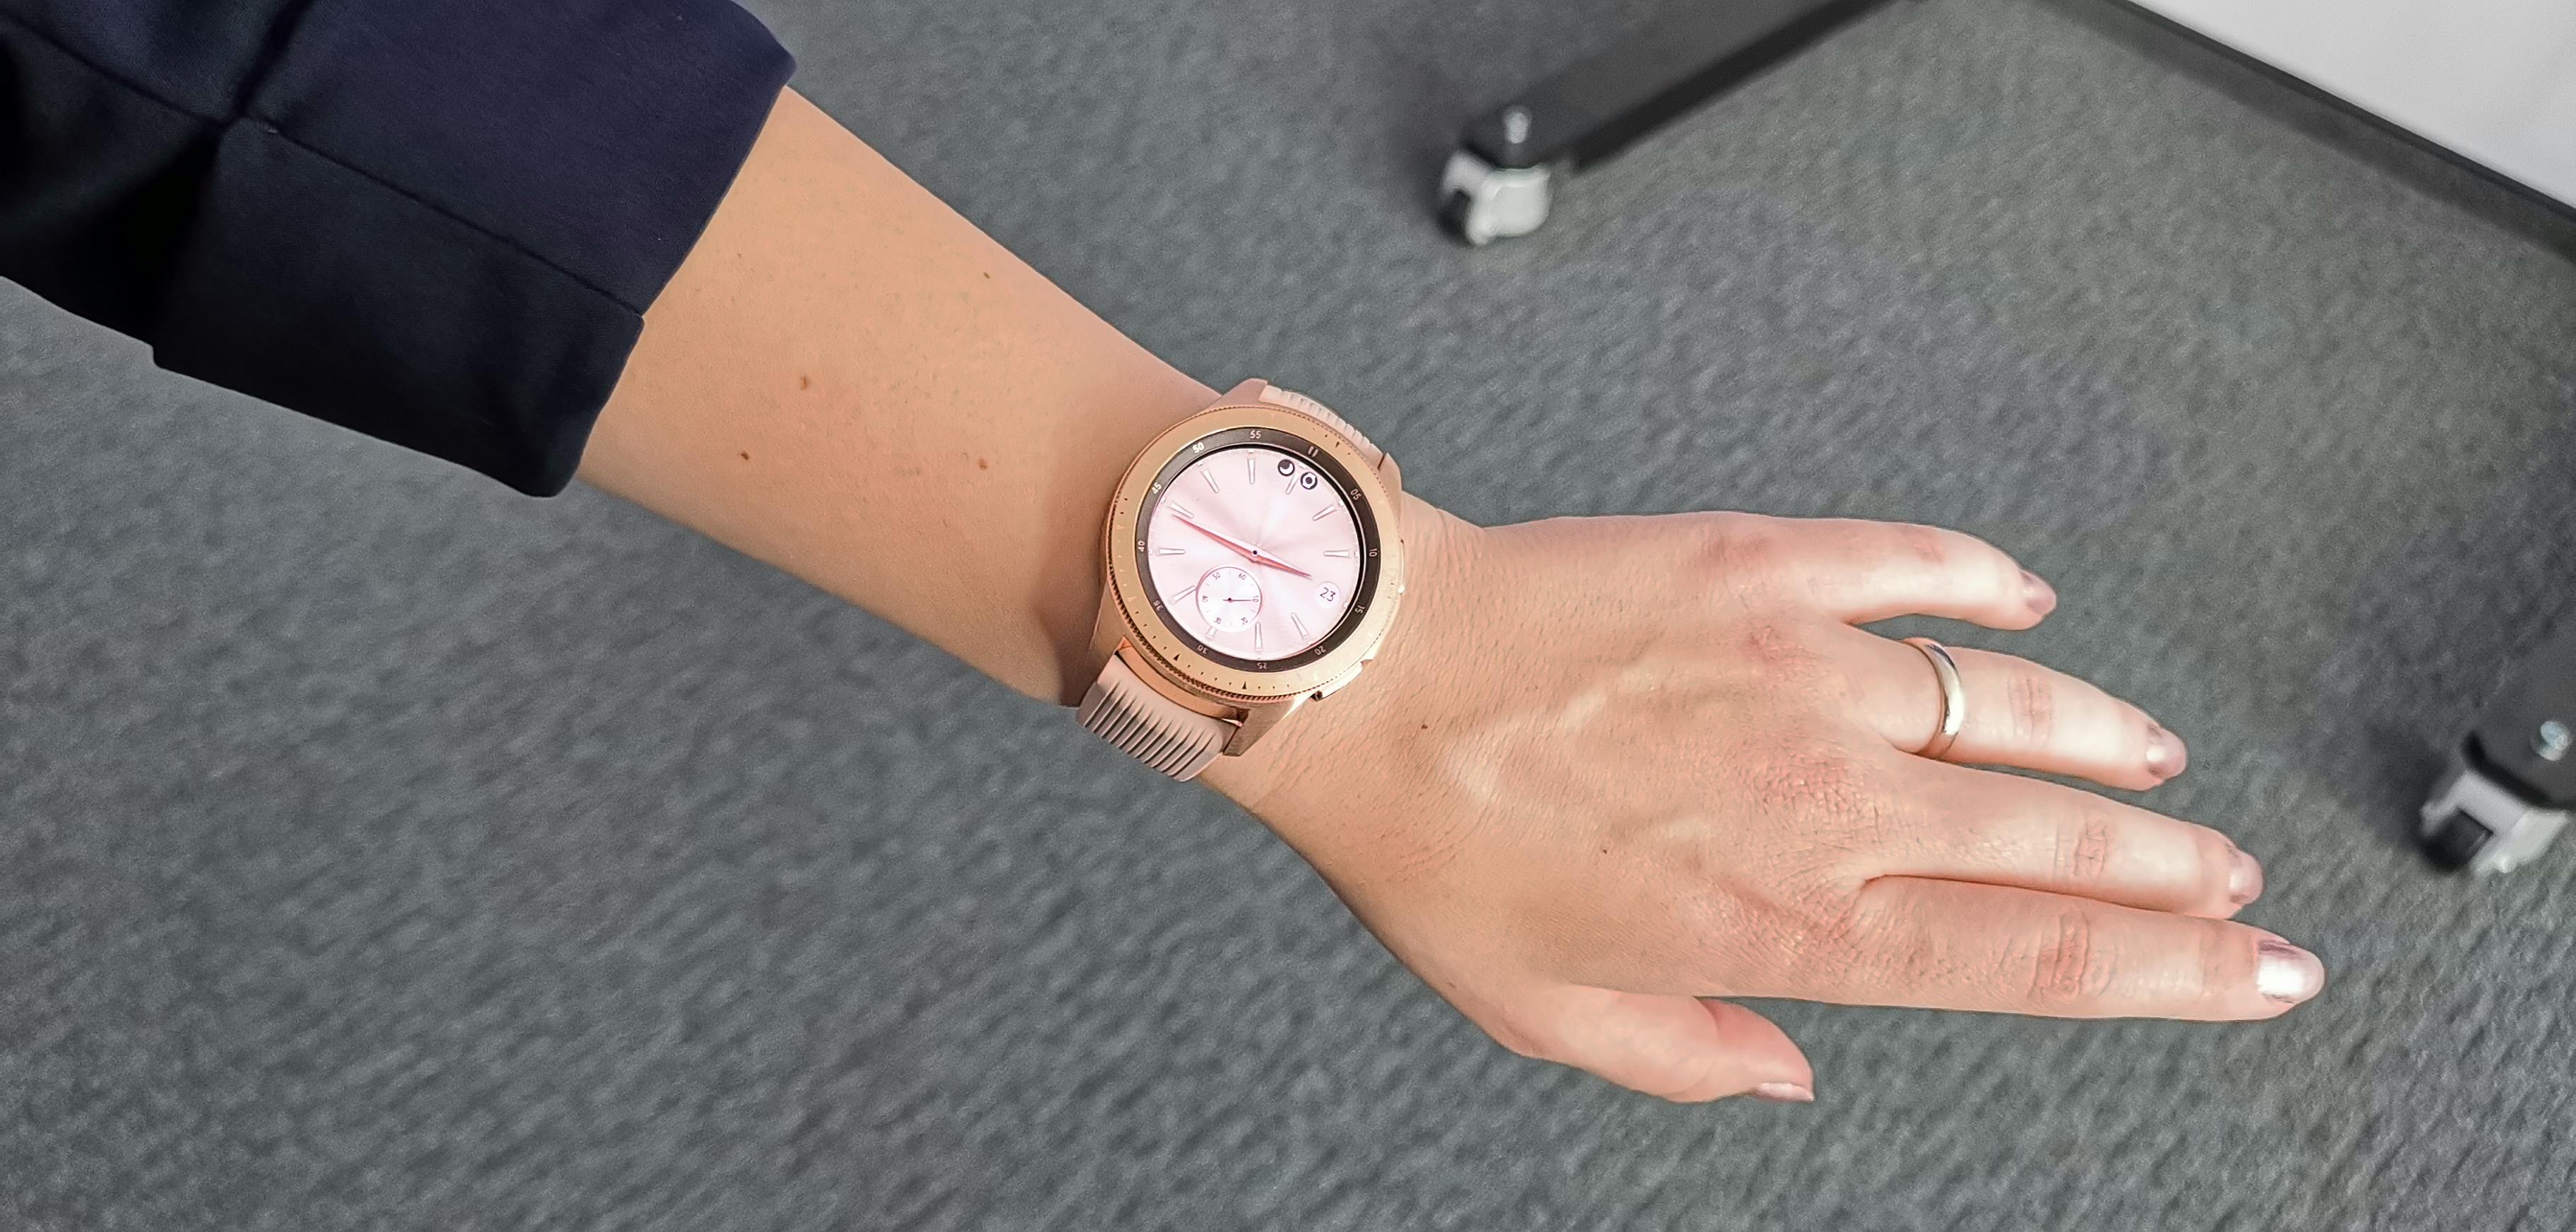 Samsung Galaxy Watch După 4 Luni De Utilizare